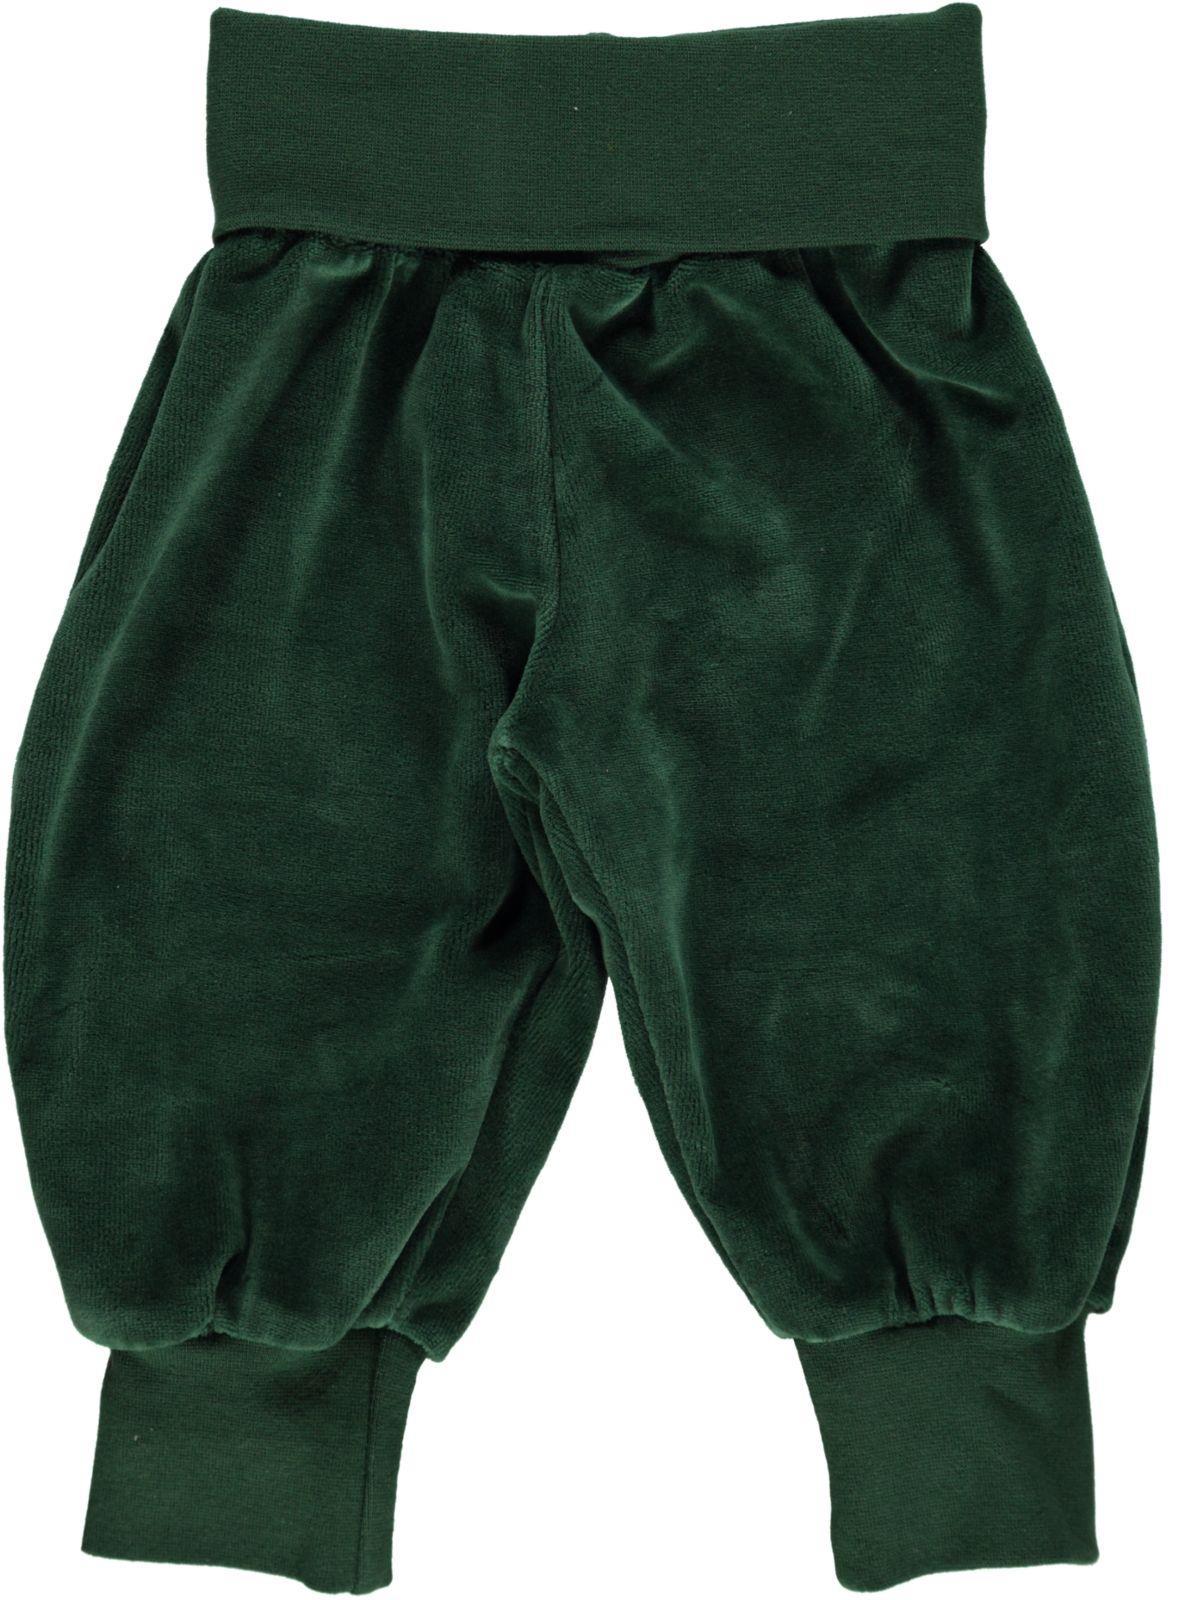 Småfolk - Velvet Baby Waistband Pants - Hunter Green